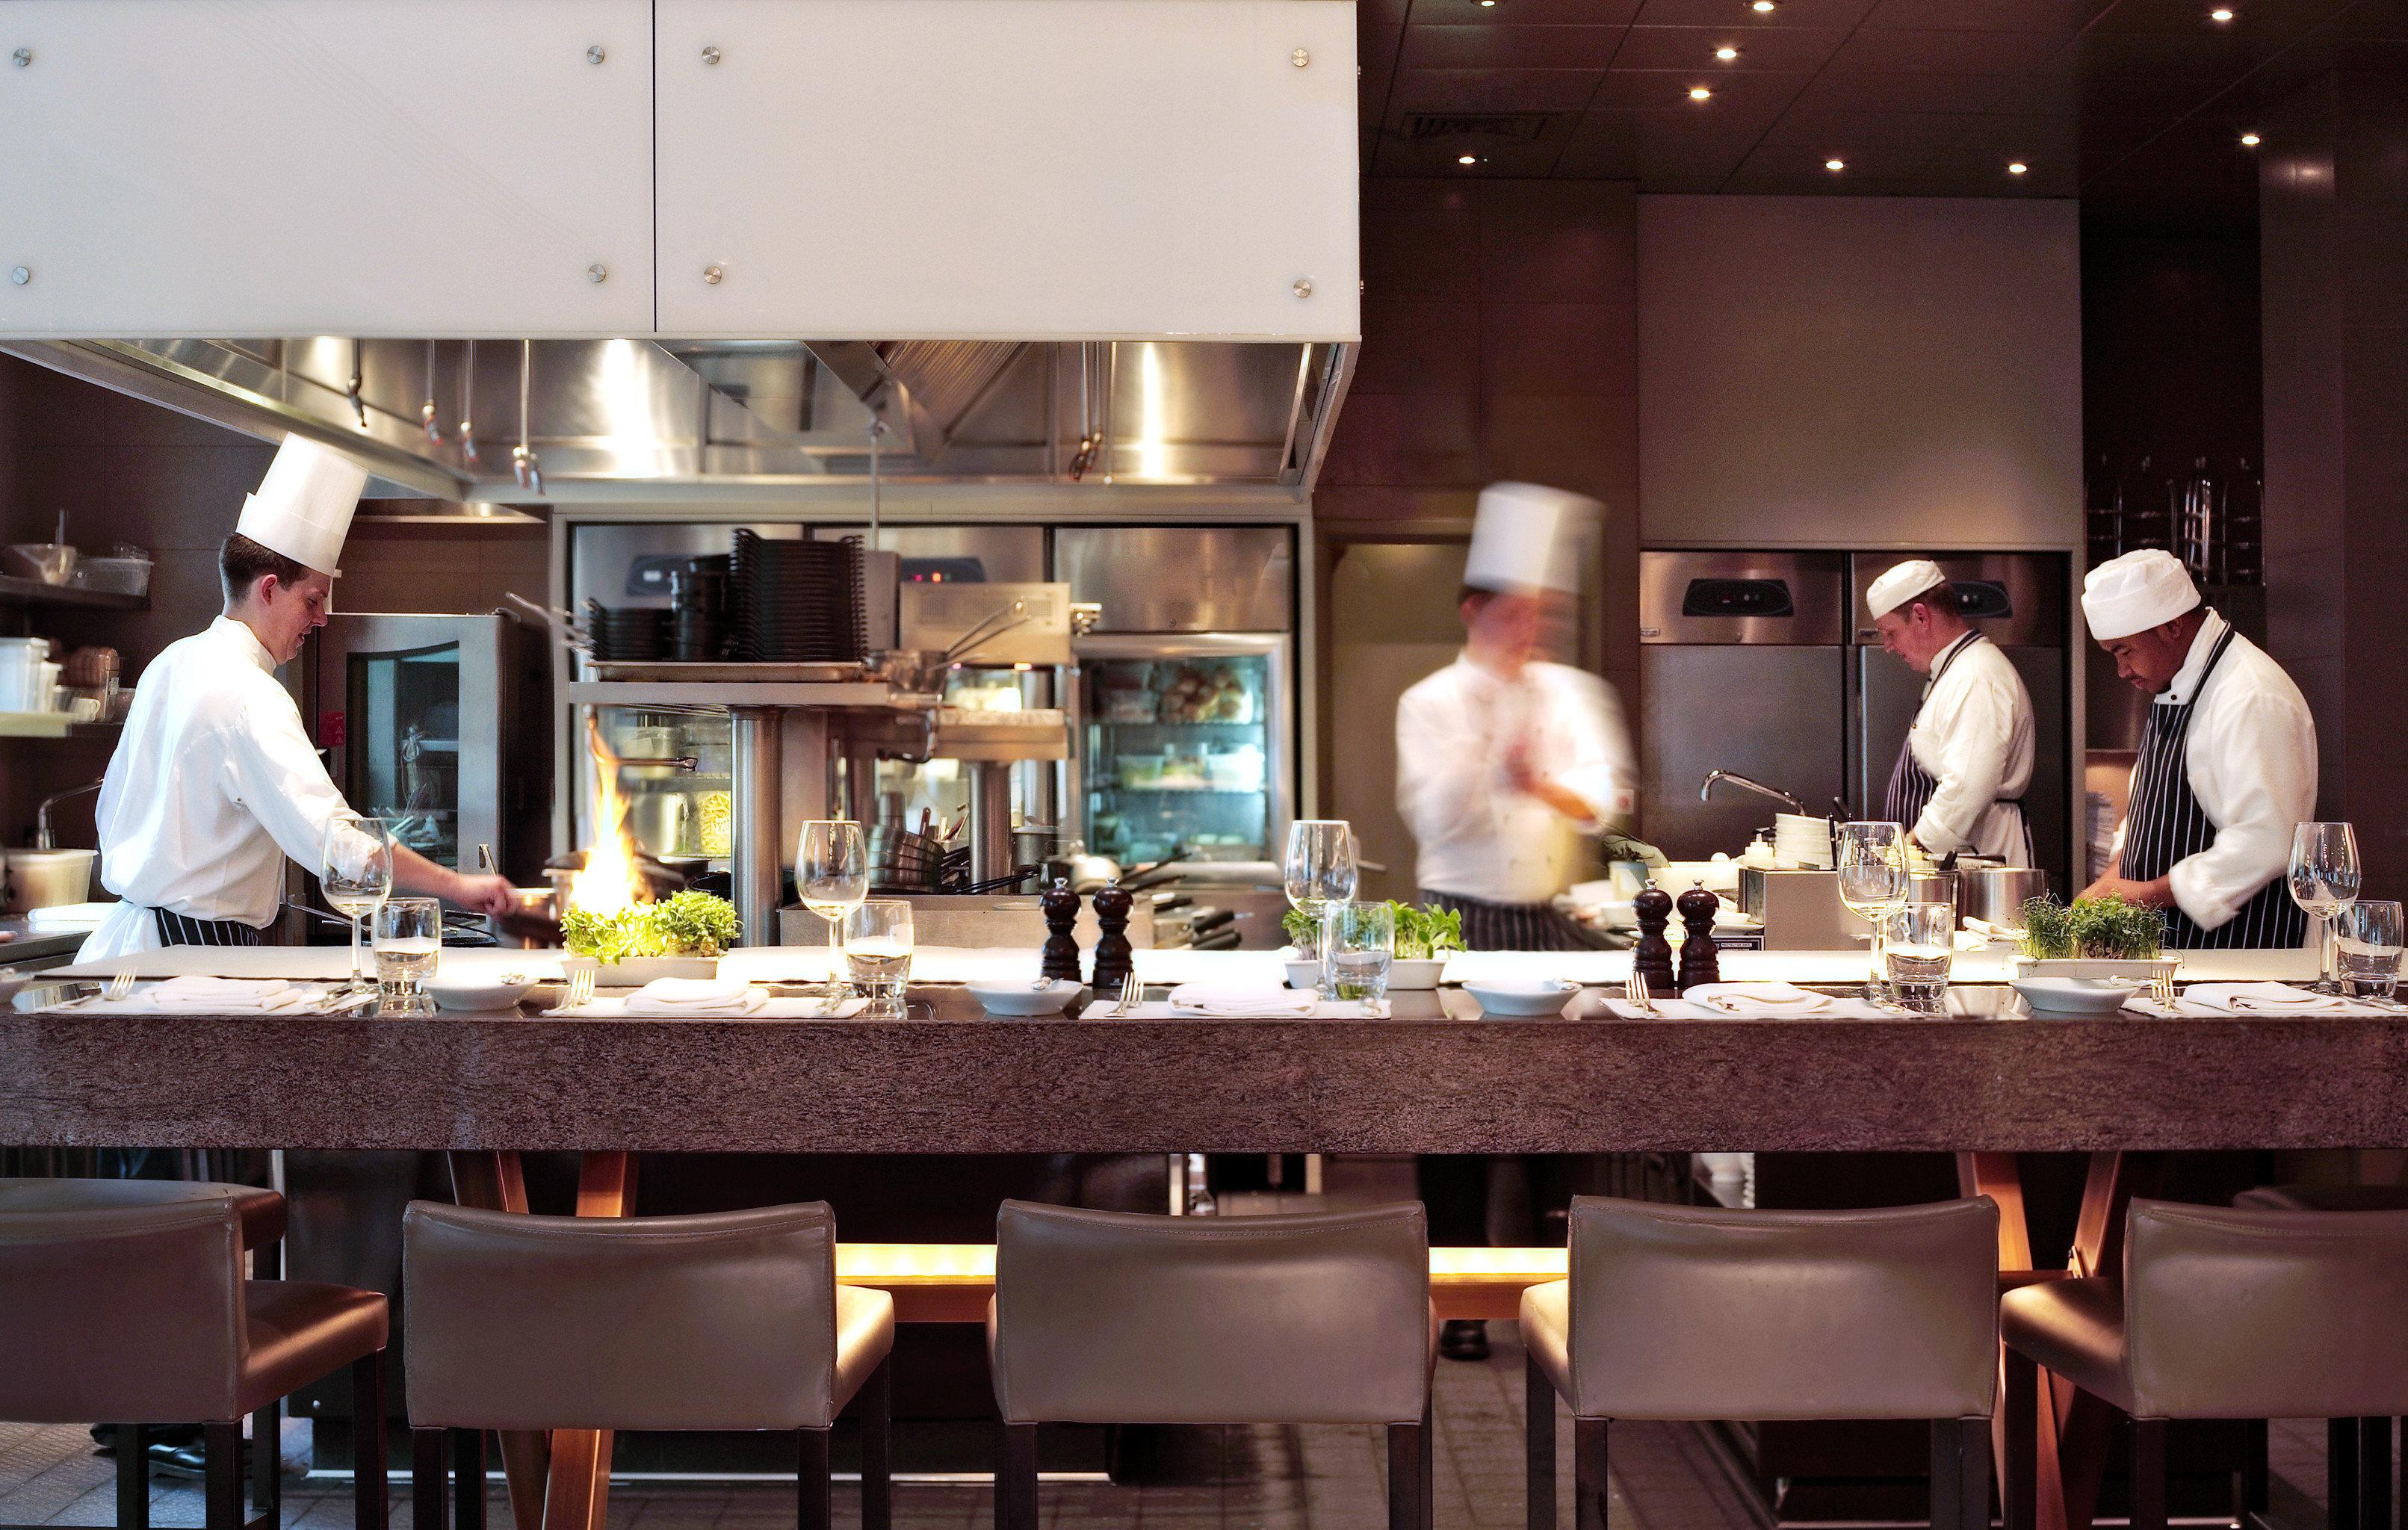 Bar Dining Drink Eat Luxury Modern Kitchen restaurant preparing function hall brunch working sense rehearsal dinner Island